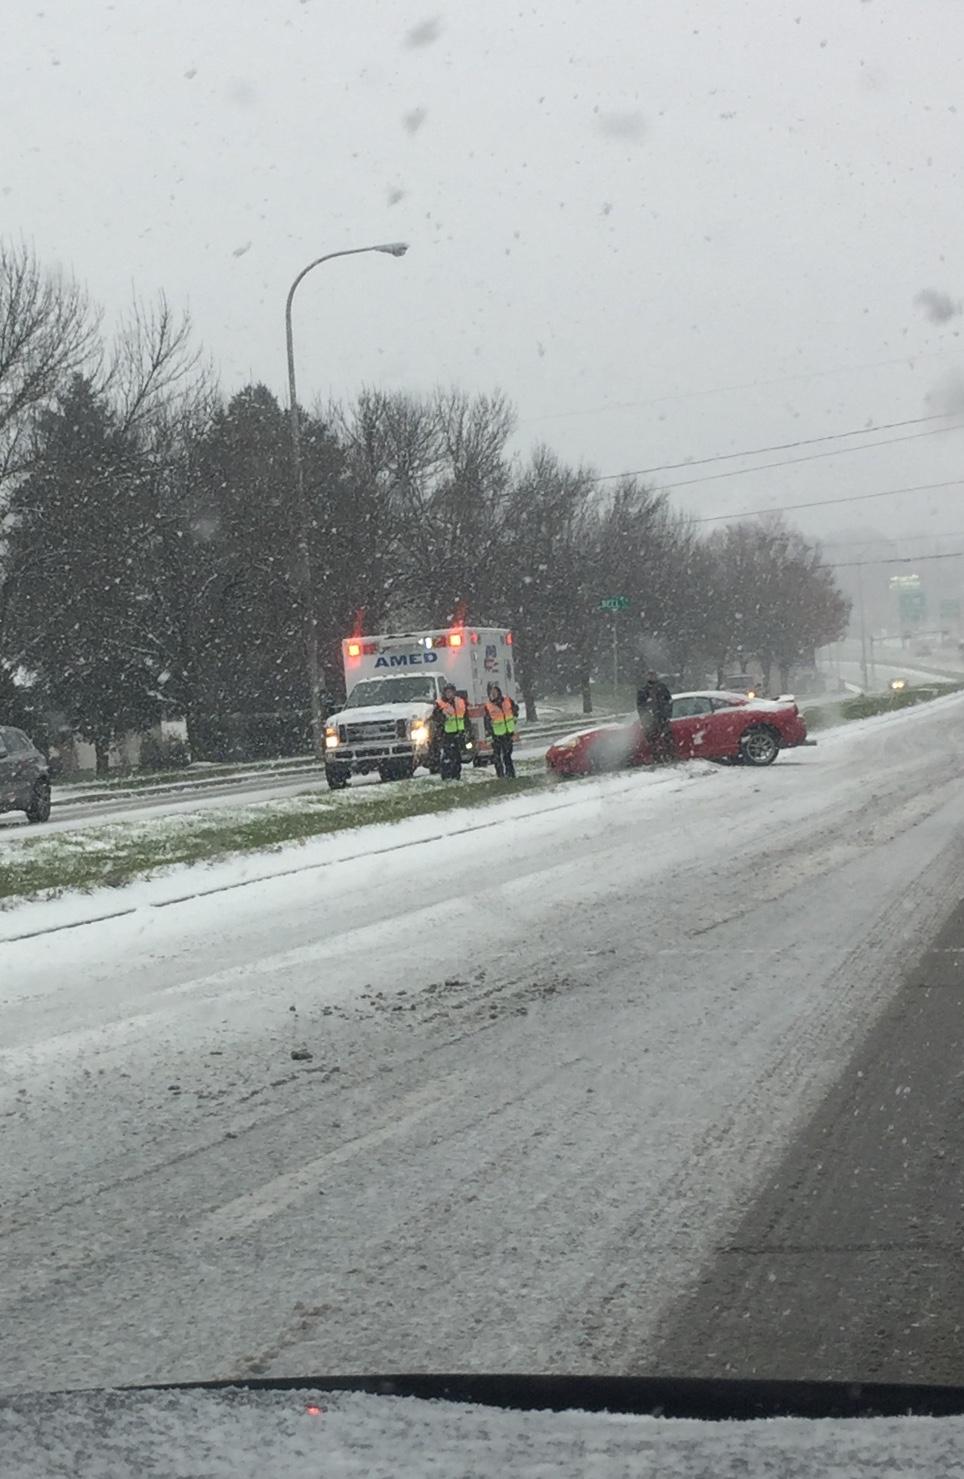 Crash in Altoona_1542299327001.jpg.jpg